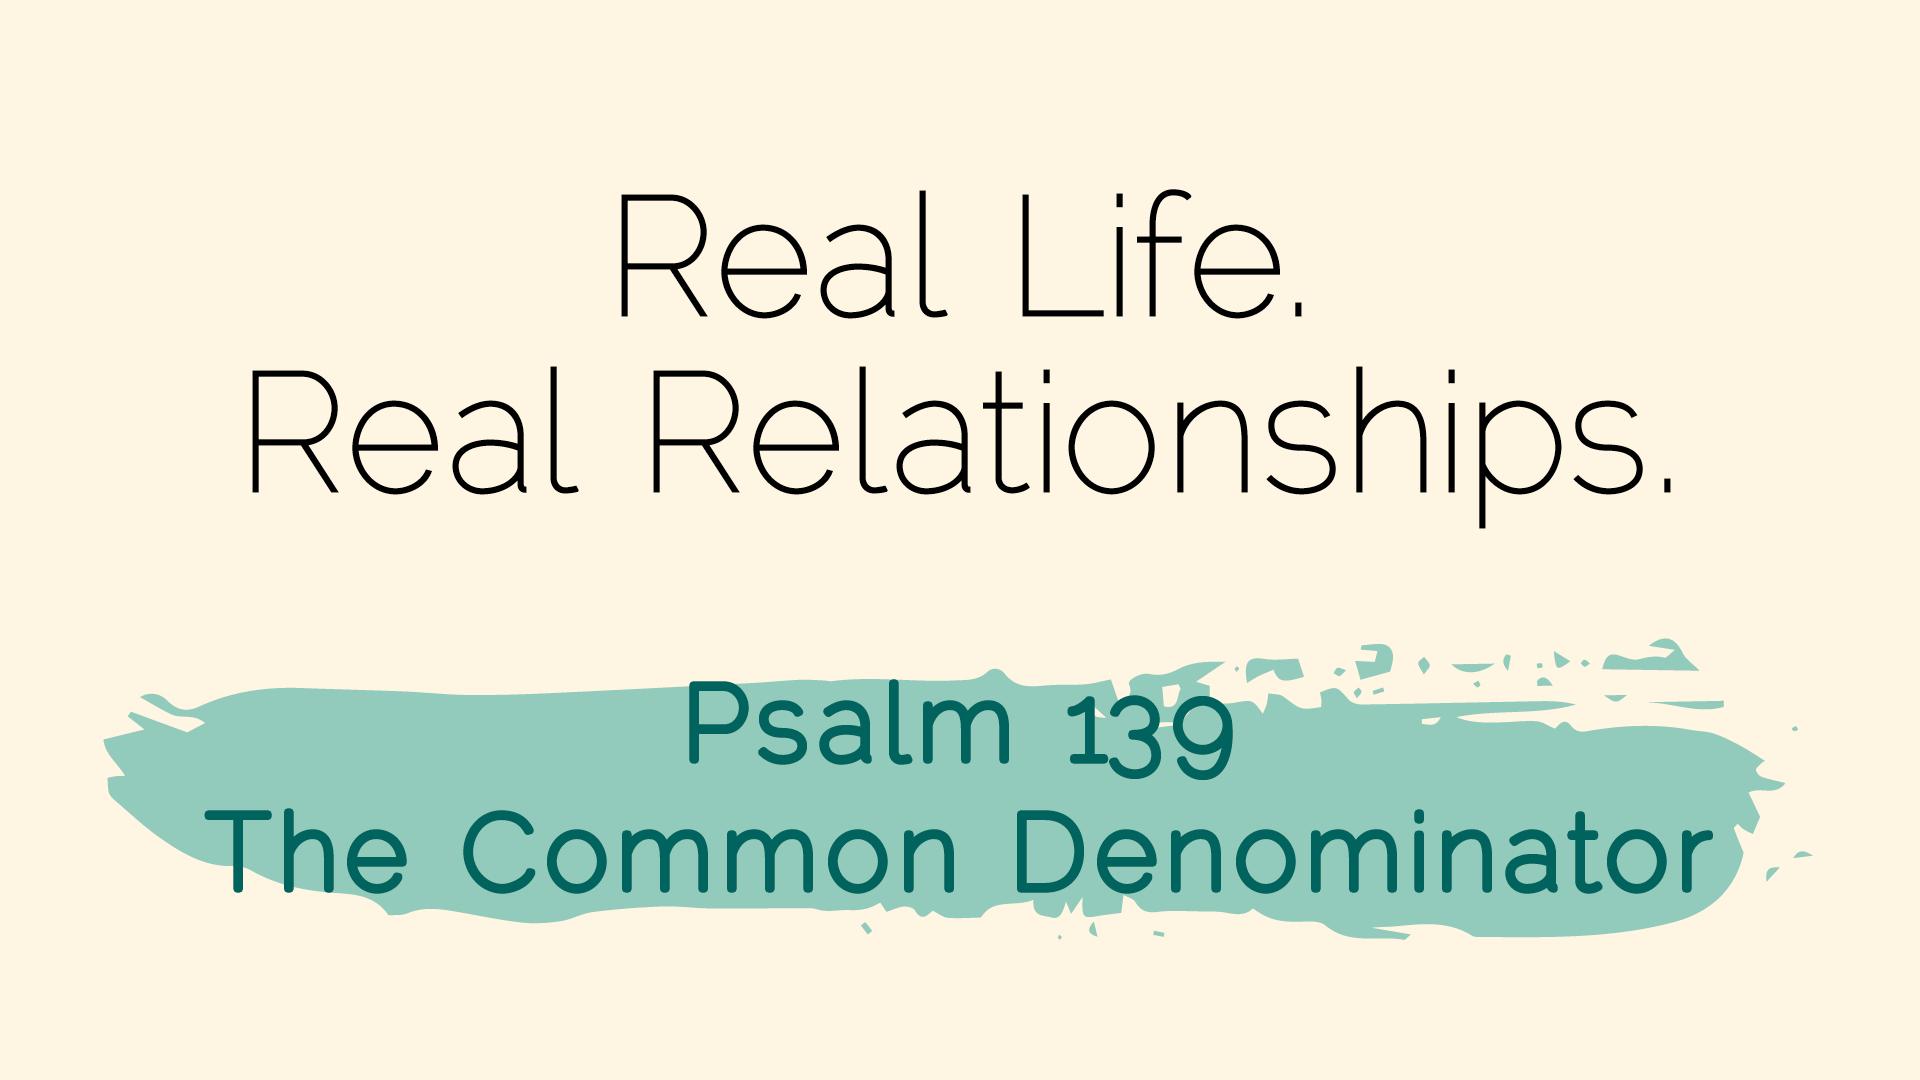 Real Life Jan 17